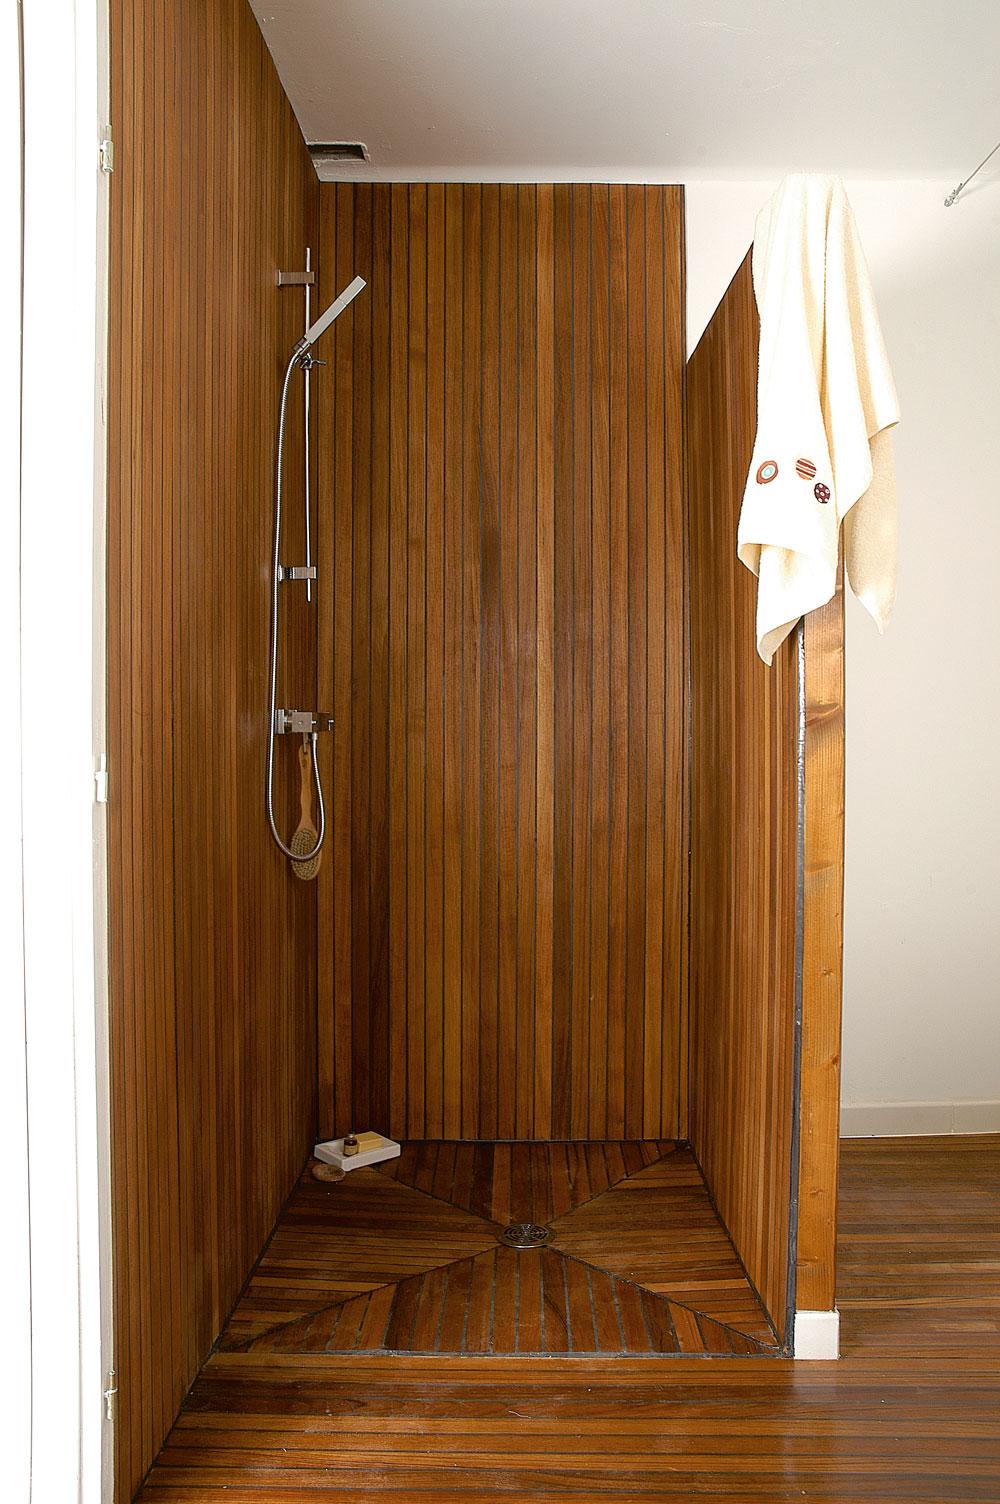 Douche l 39 italienne dans une salle de bains en teck bricolage avec robert - Sol de douche en bois ...